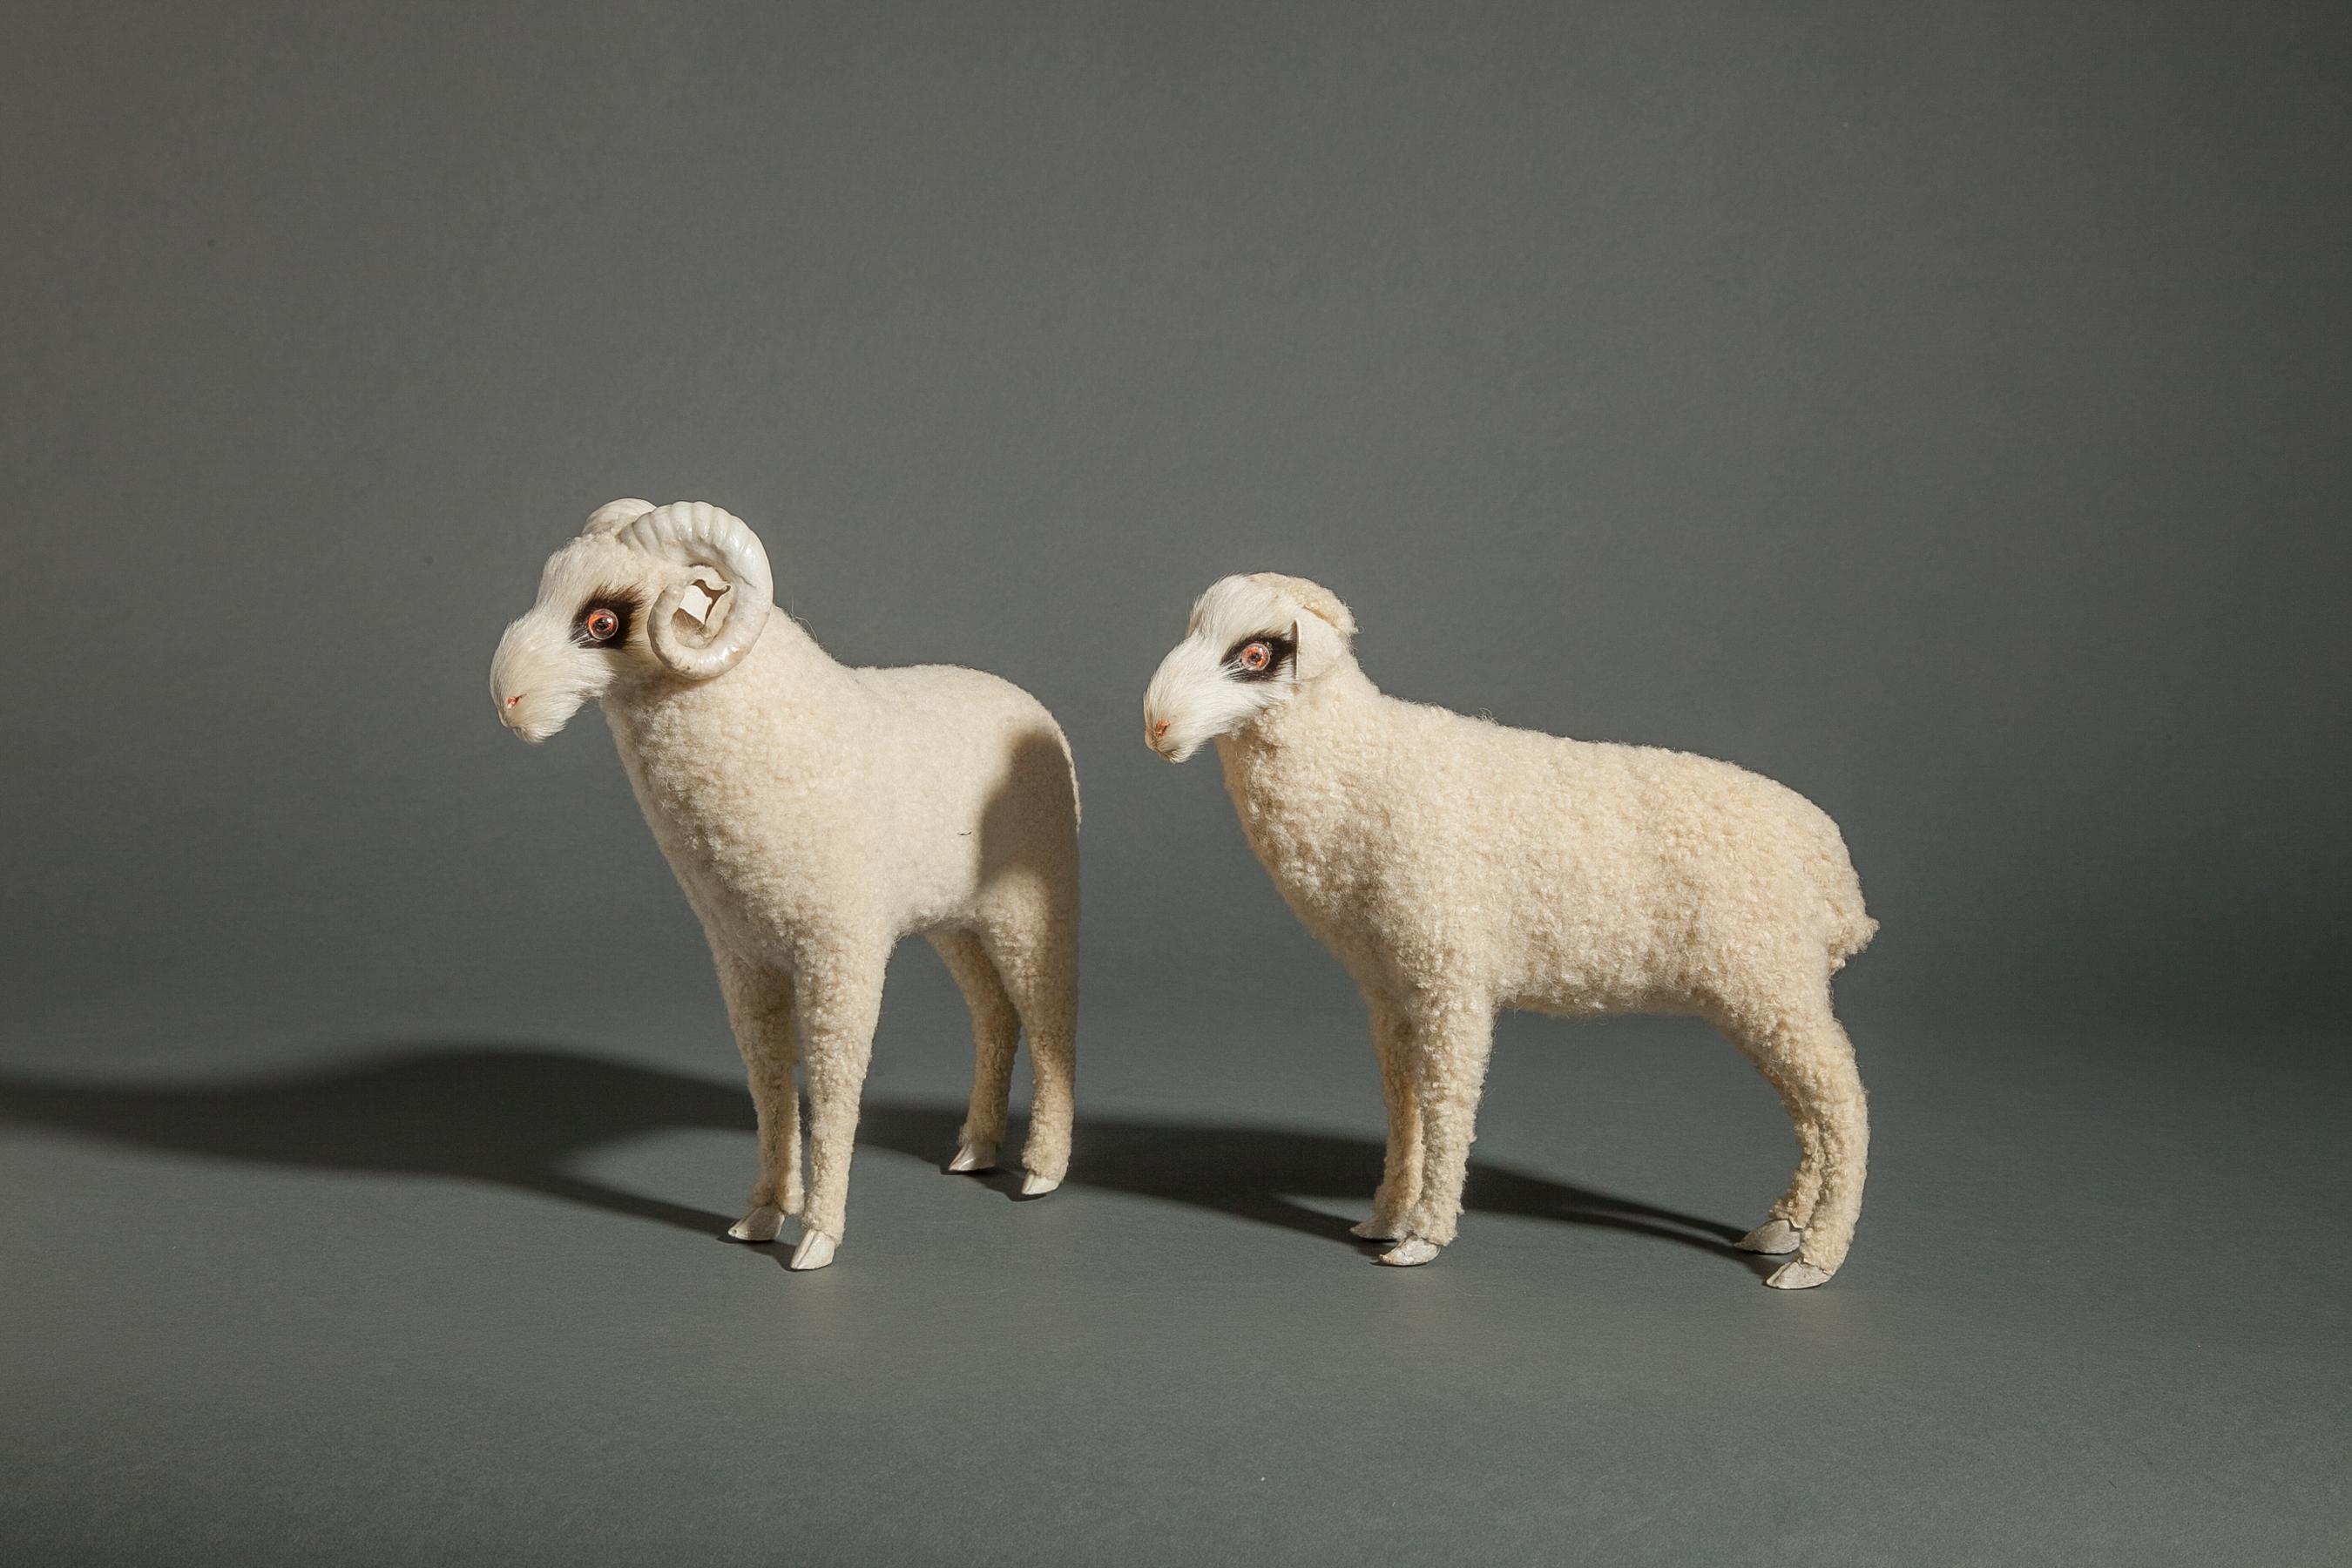 Pair of Antique Japanese Ceramic Sheep